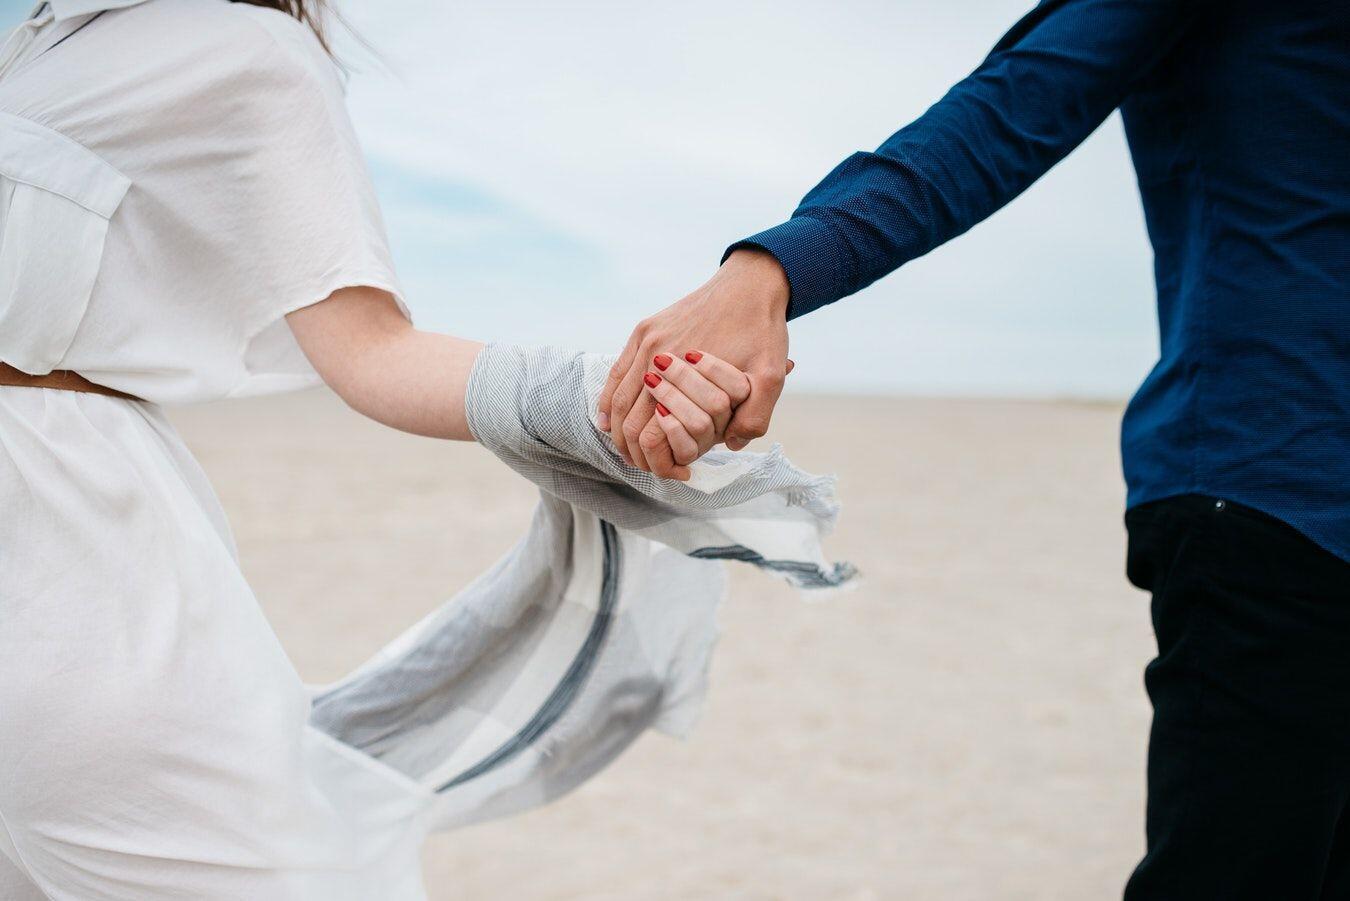 Gak Perlu Galau, Terapkan 5 Mindset Ini Jika Pasangan Mengkhianatimu